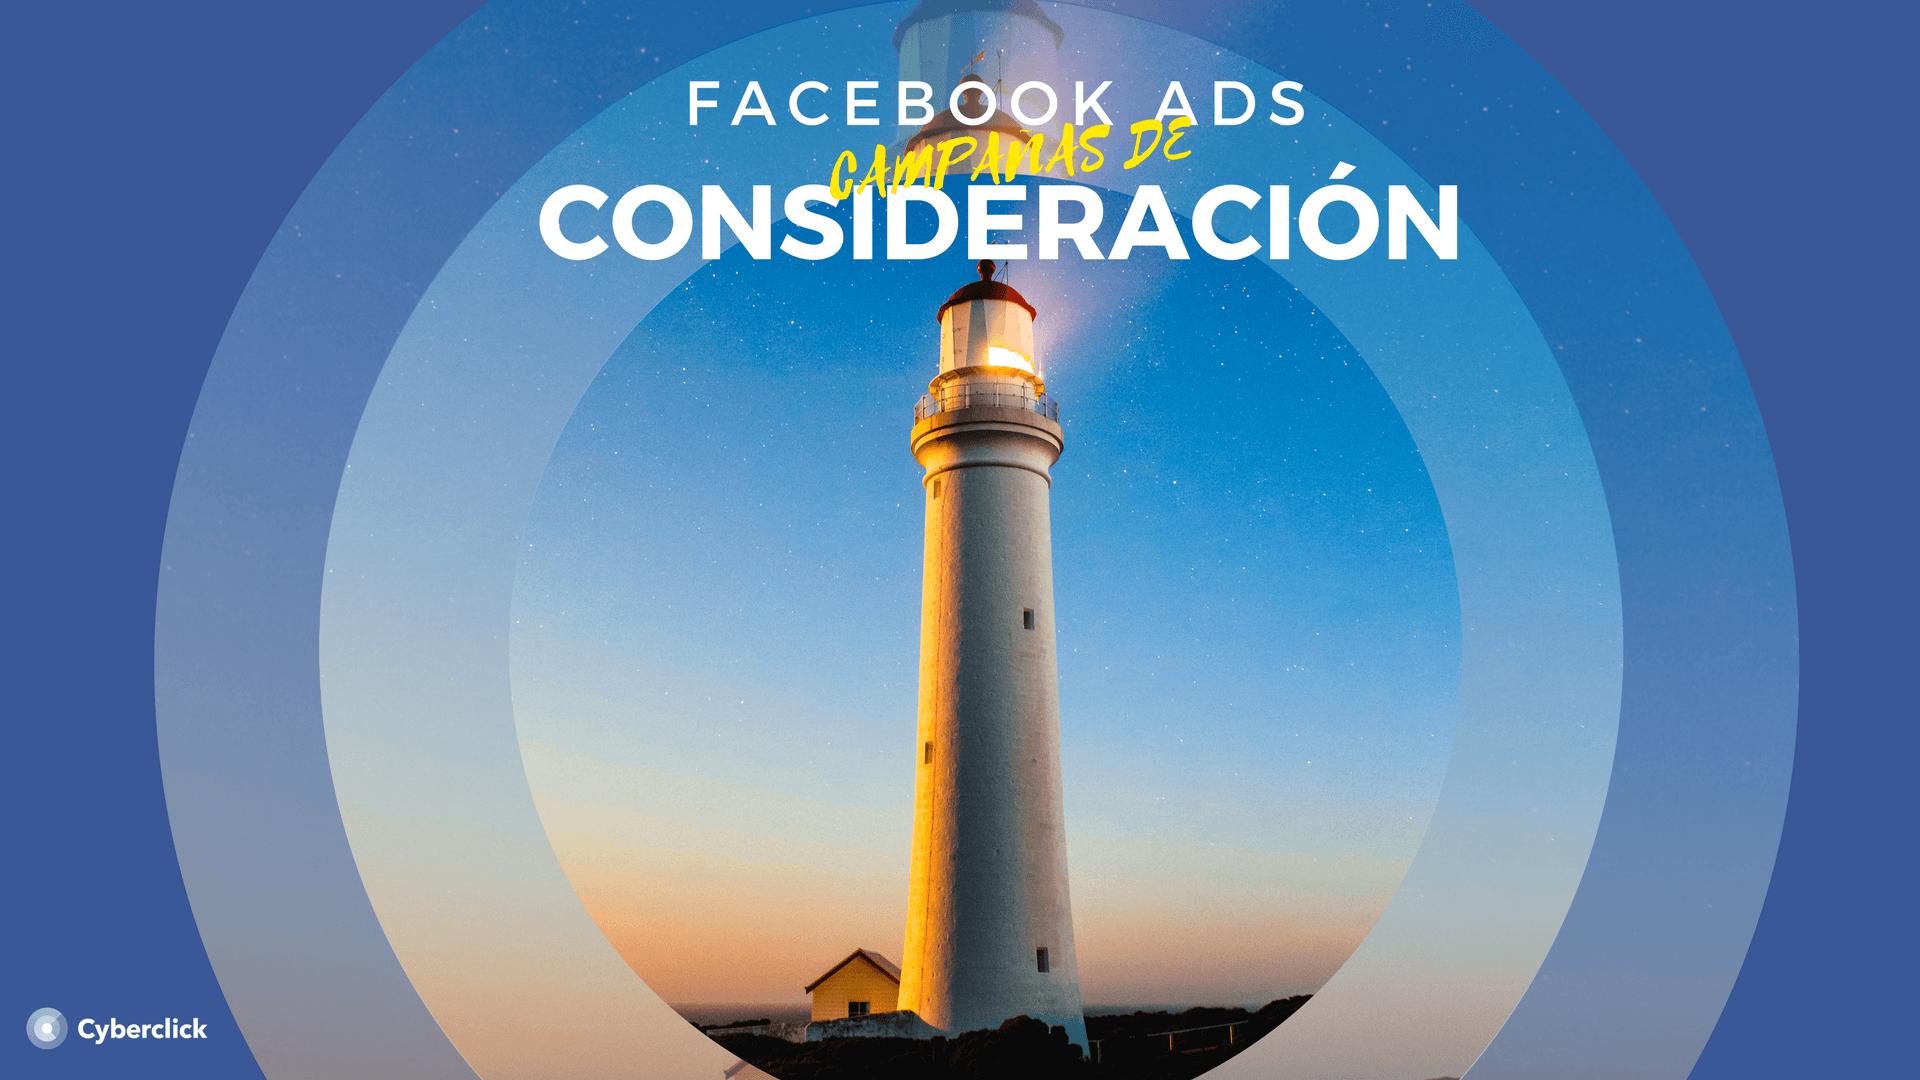 Facebook Ads Campanas de Consideracion